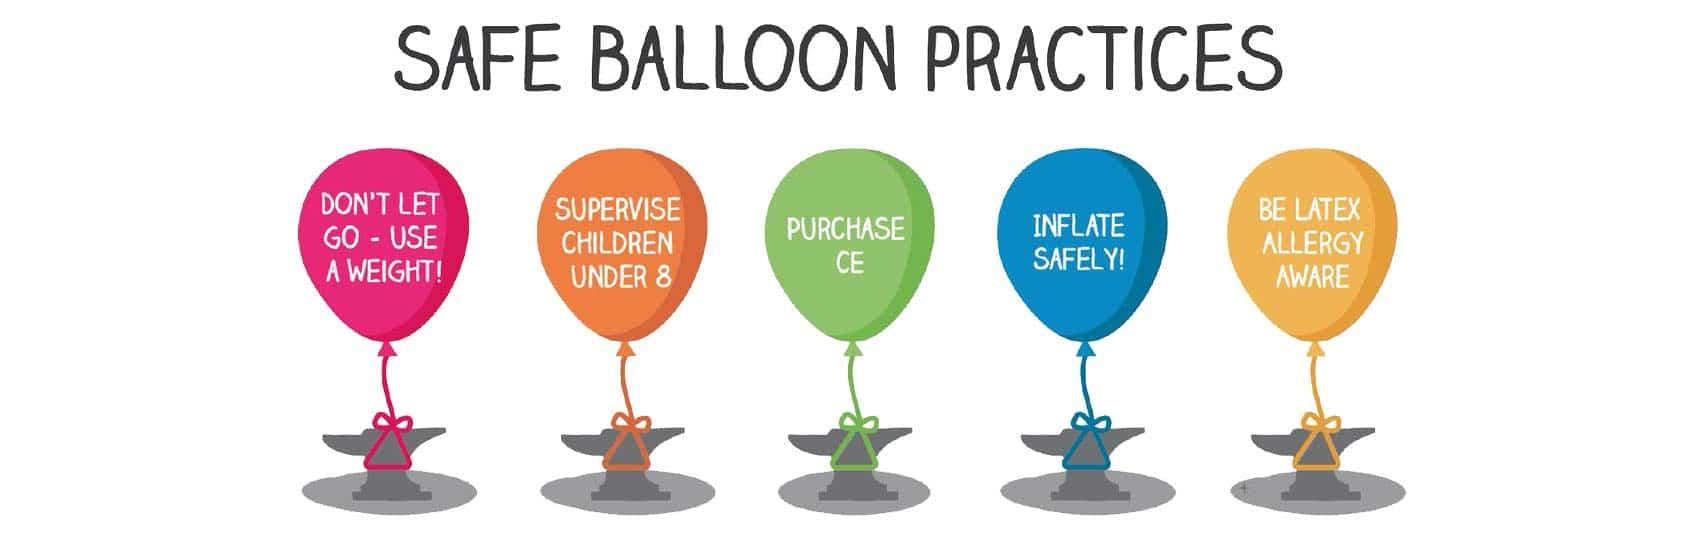 balloon safety